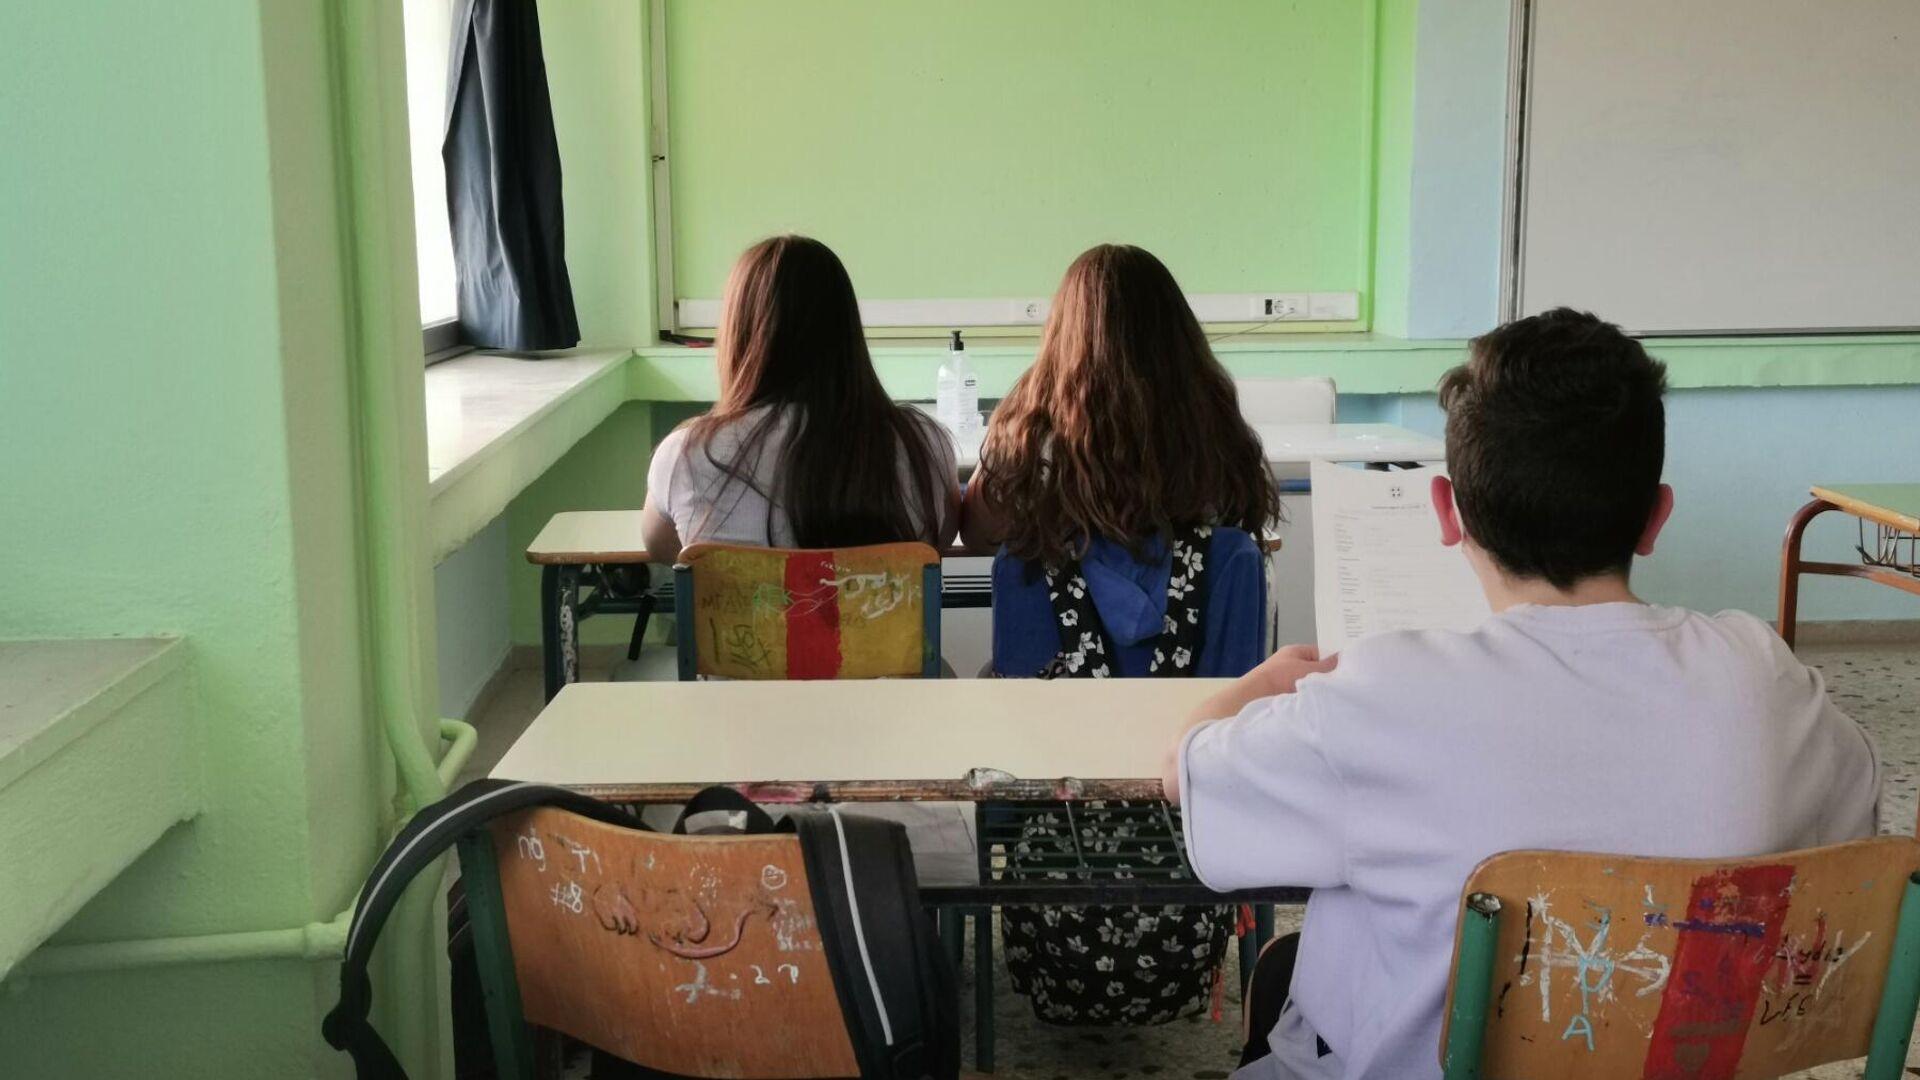 Επιστροφή μαθητών στα σχολεία - Sputnik Ελλάδα, 1920, 10.09.2021